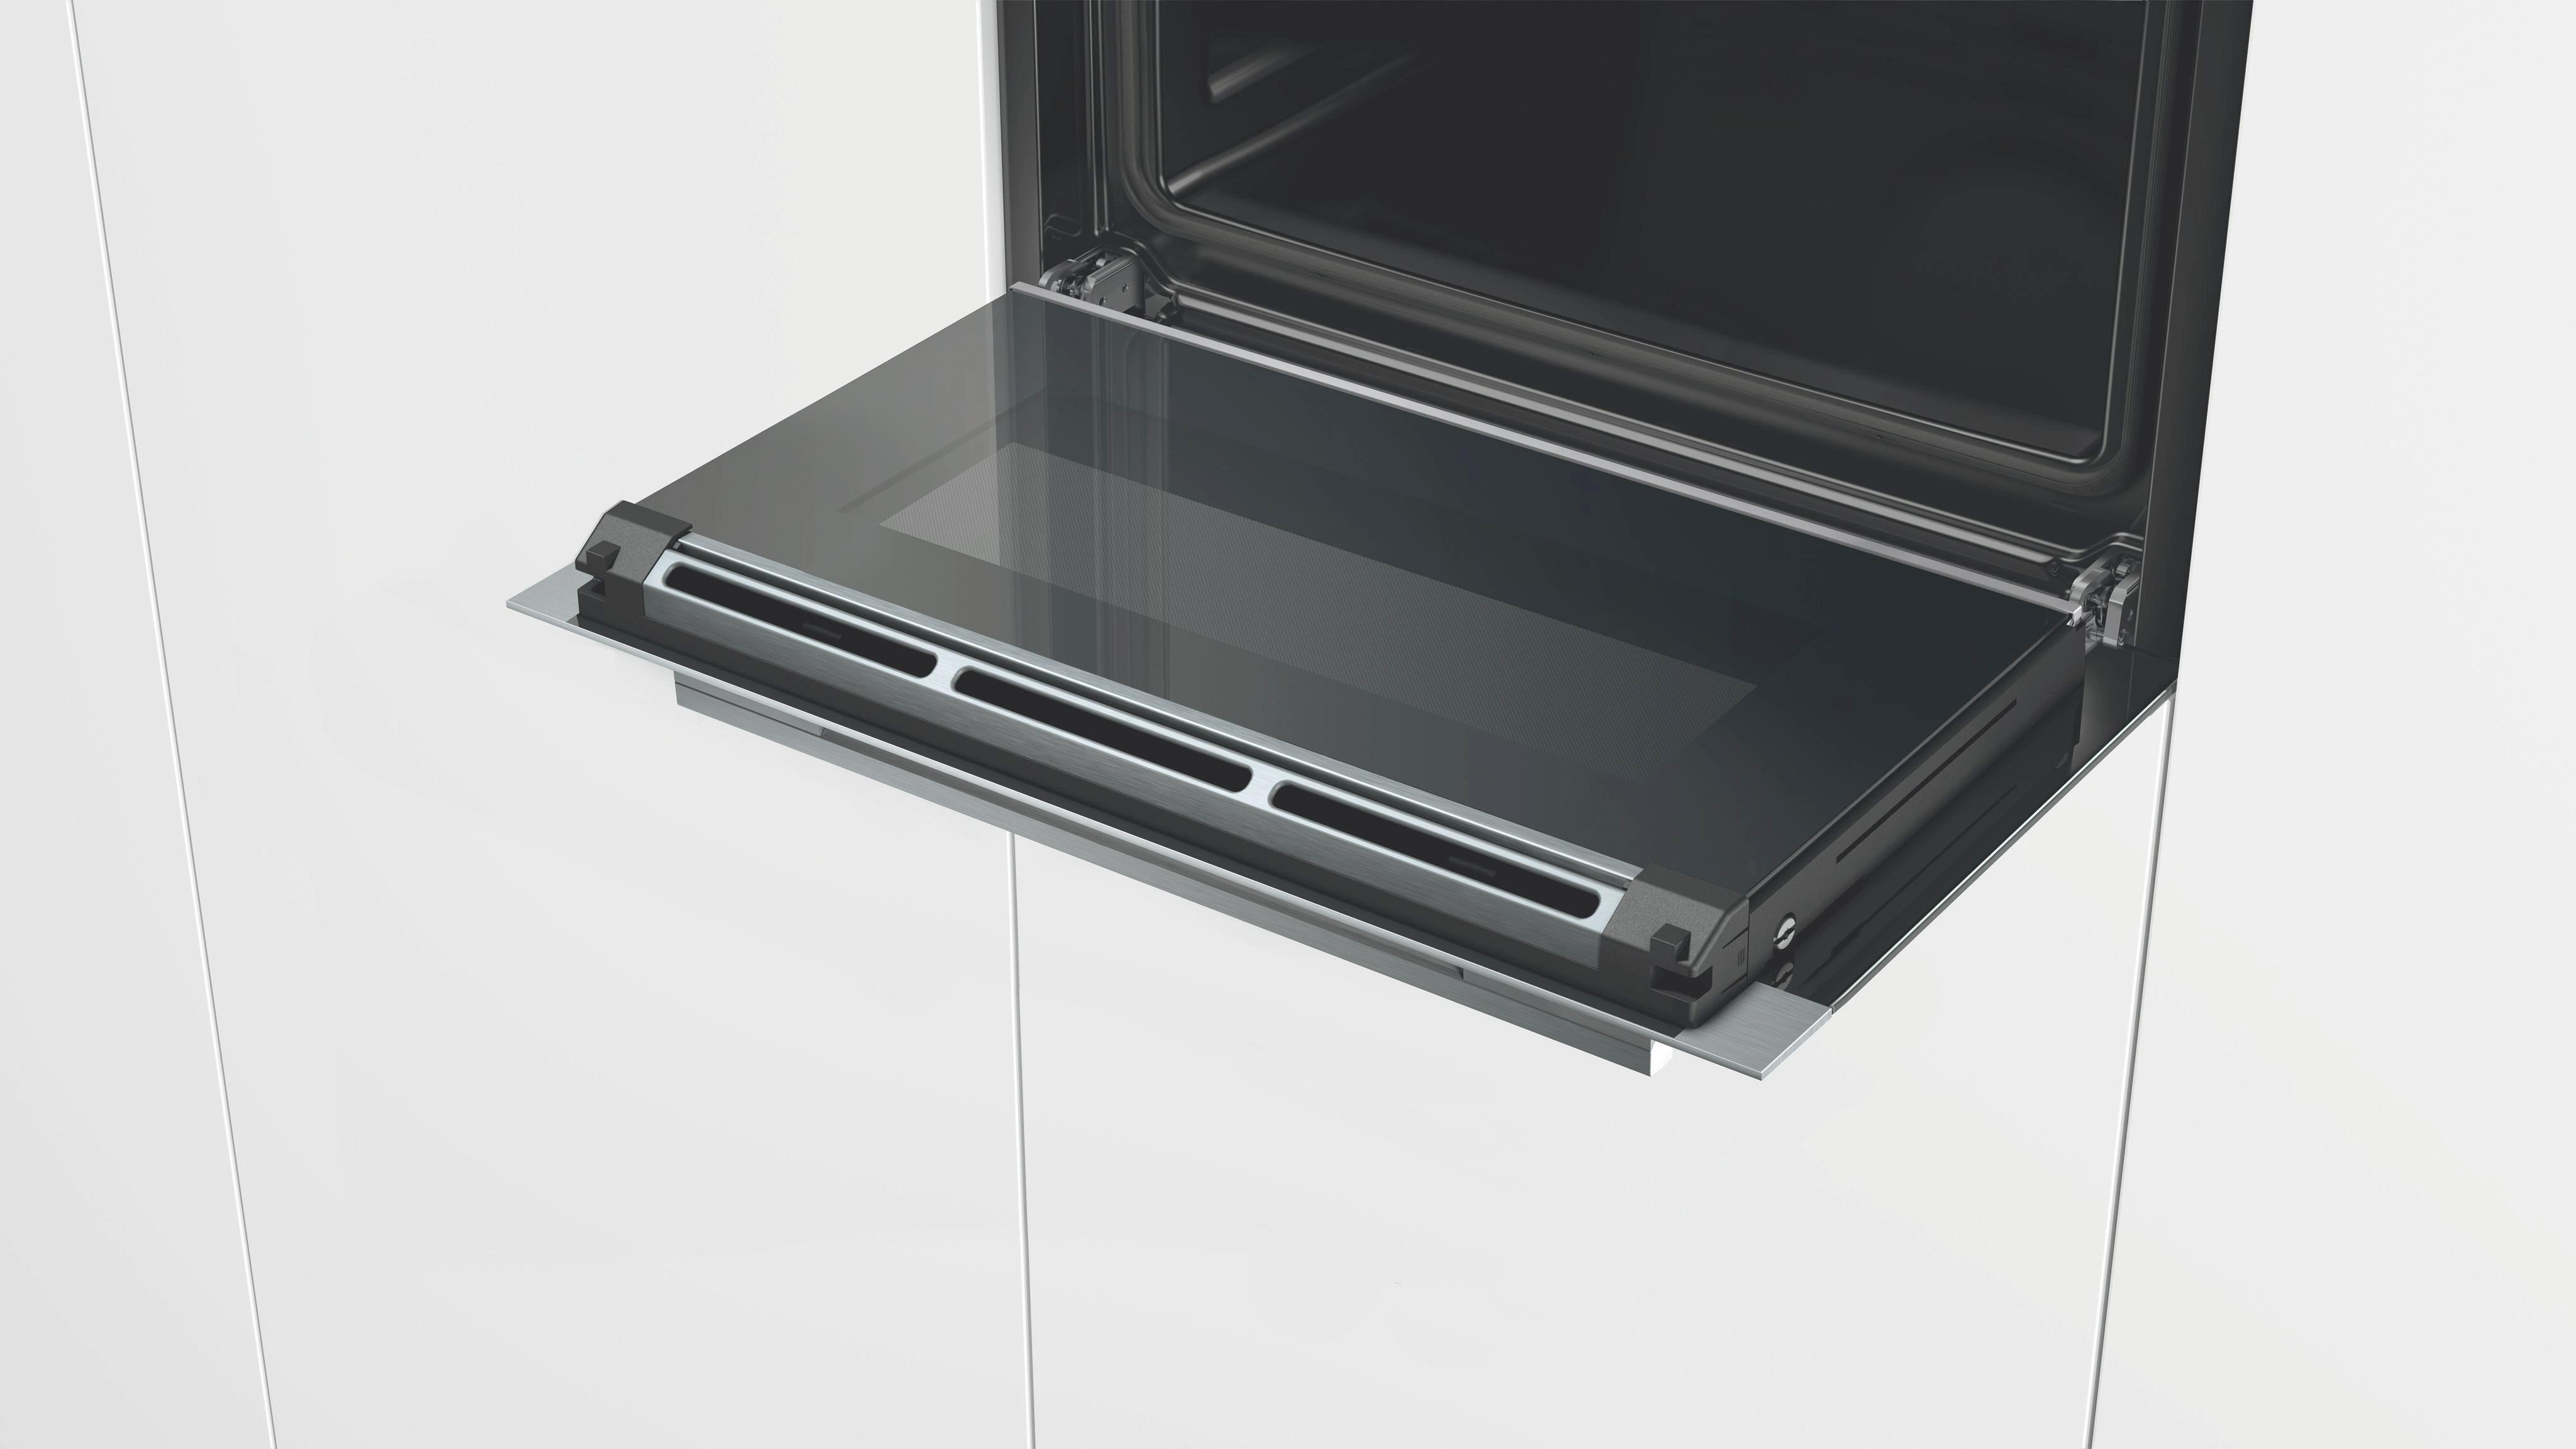 Einbaudampfgarer Siemens Cd634gbs1, EEZ A+ - Glas/Metall (59,5/45,5/54,8cm) - SIEMENS